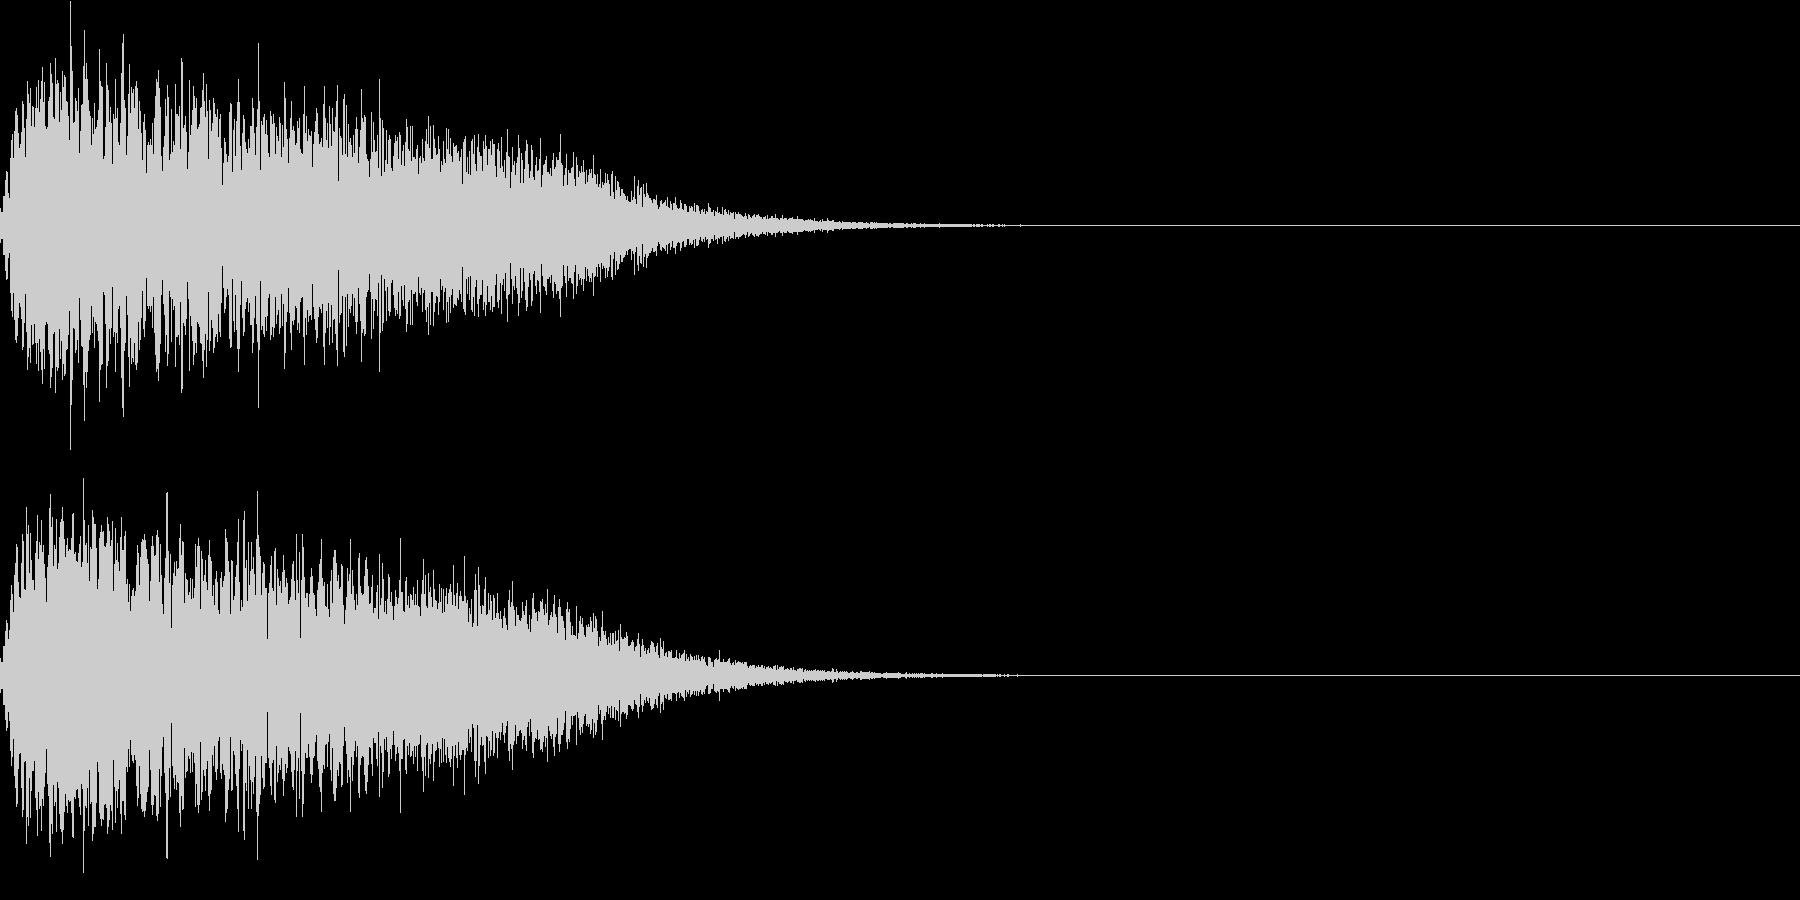 キュイン ボタン ピキーン キーン 11の未再生の波形